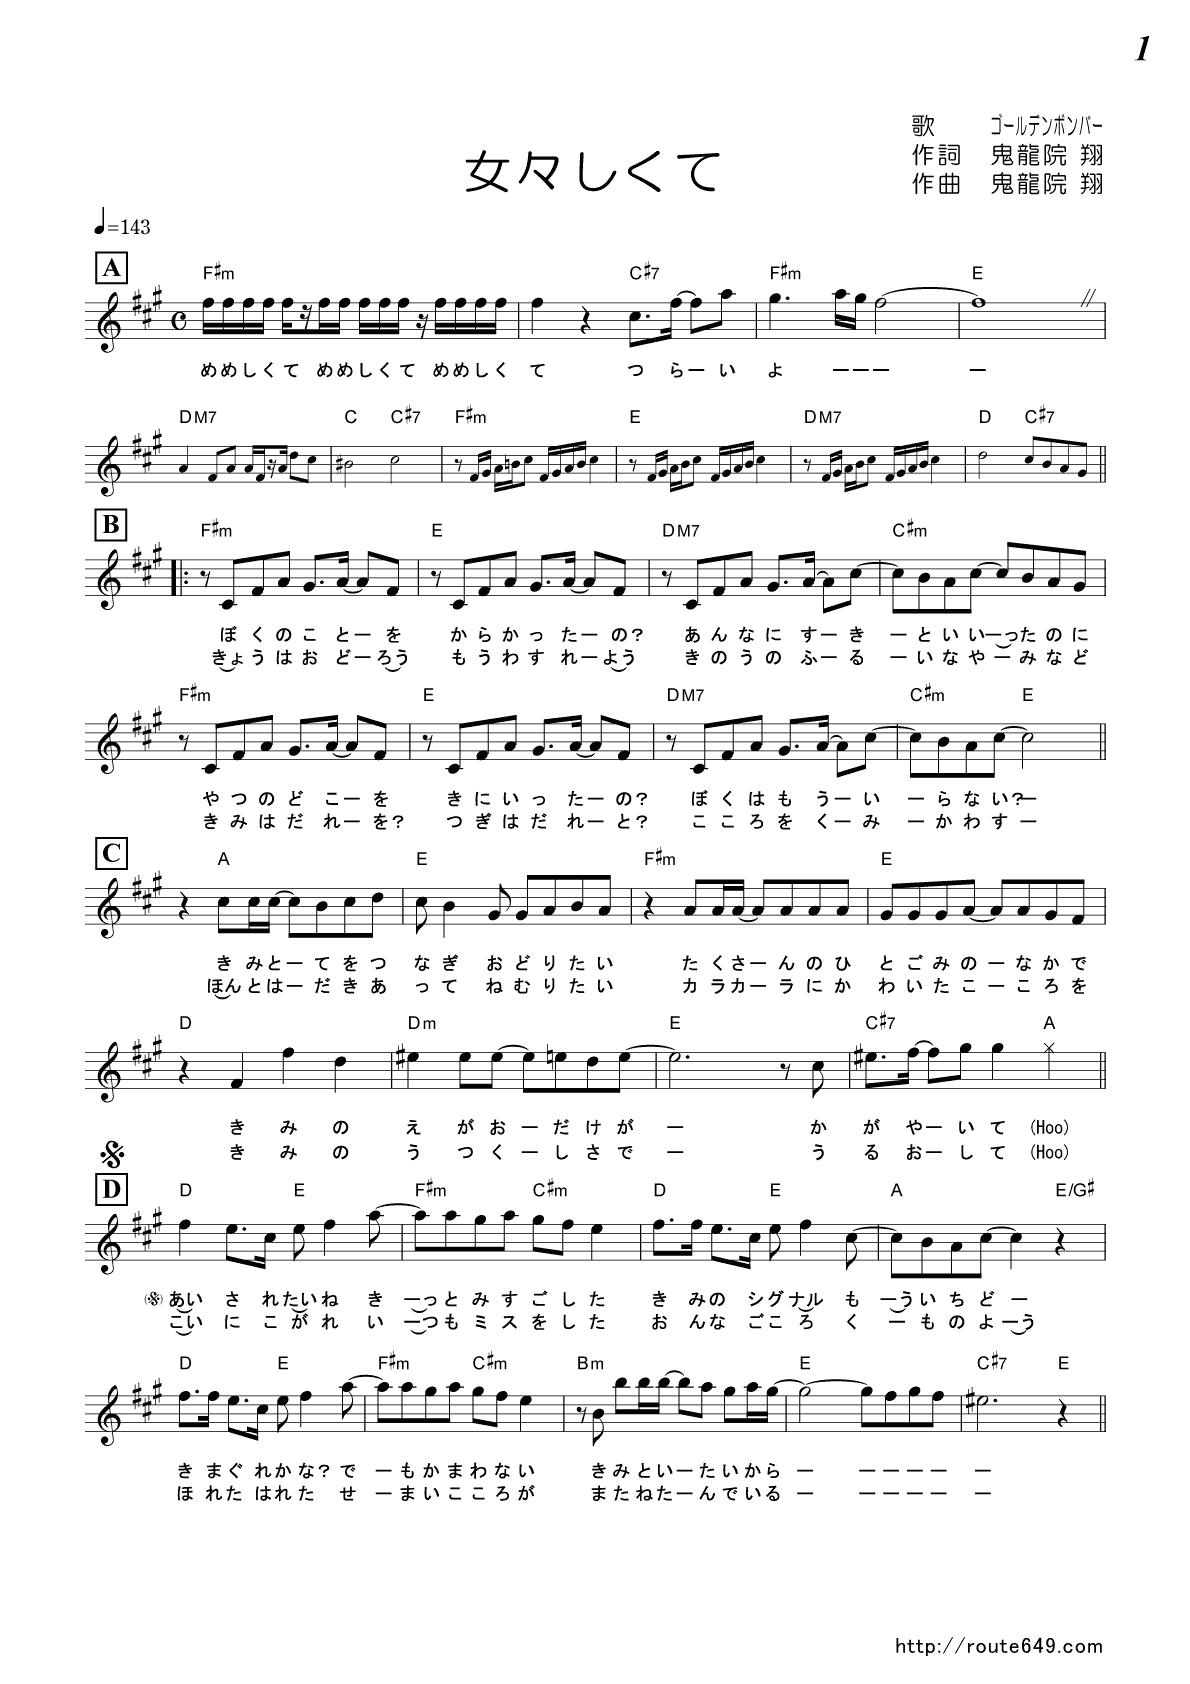 女々しくて」の楽譜/ゴールデンボンバー